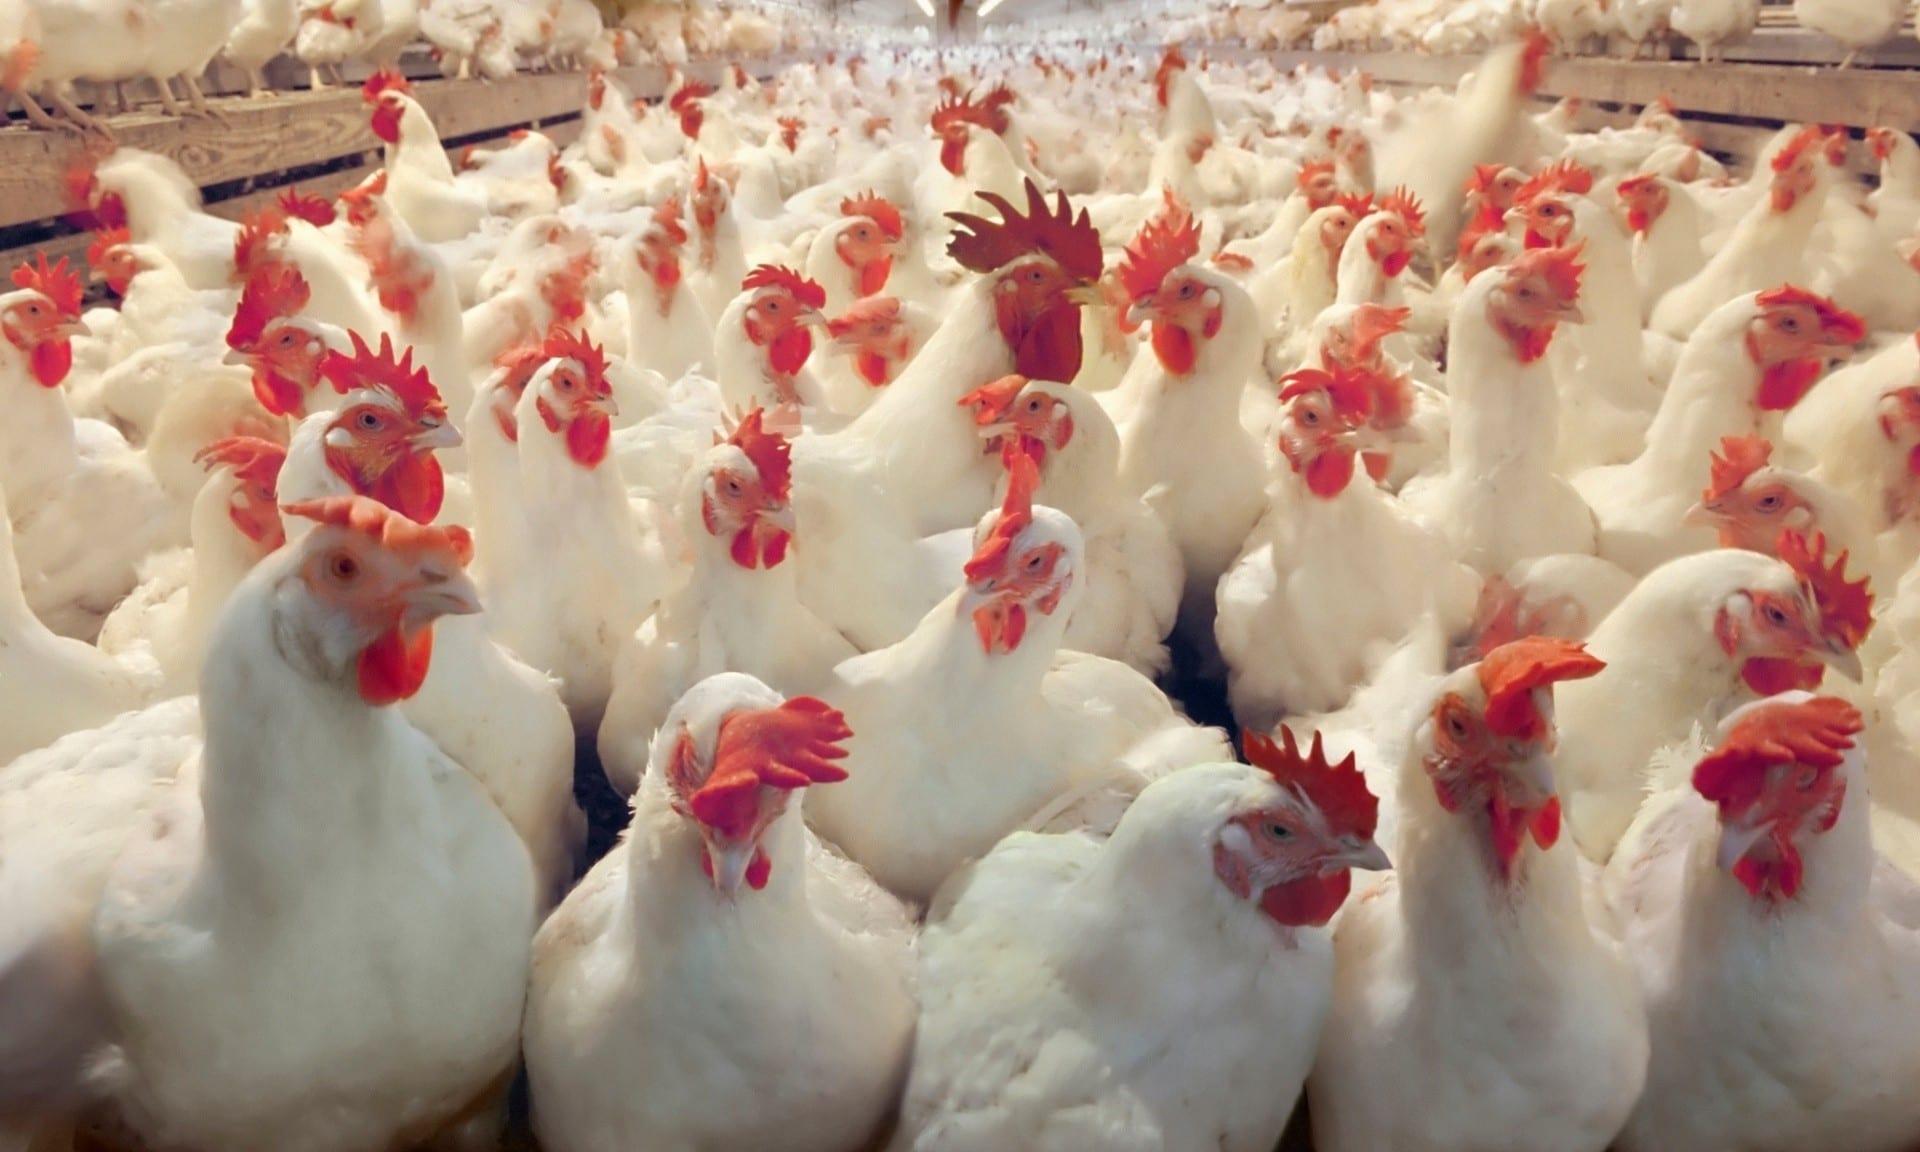 الاردنيون على موعد مع قفزة باسعار الدجاج Image